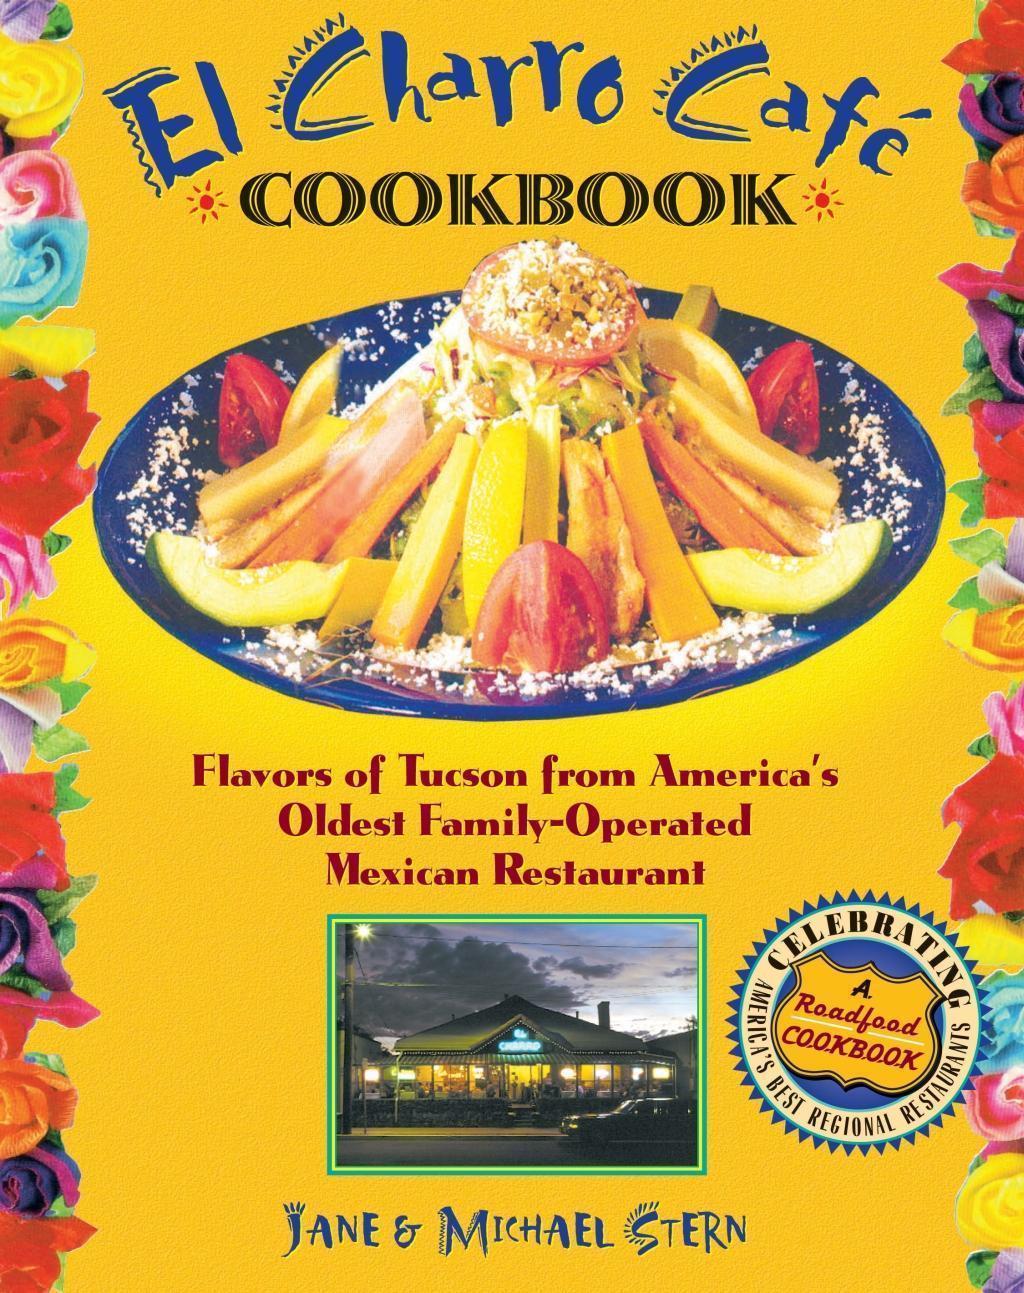 El Charro CafT Cookbook